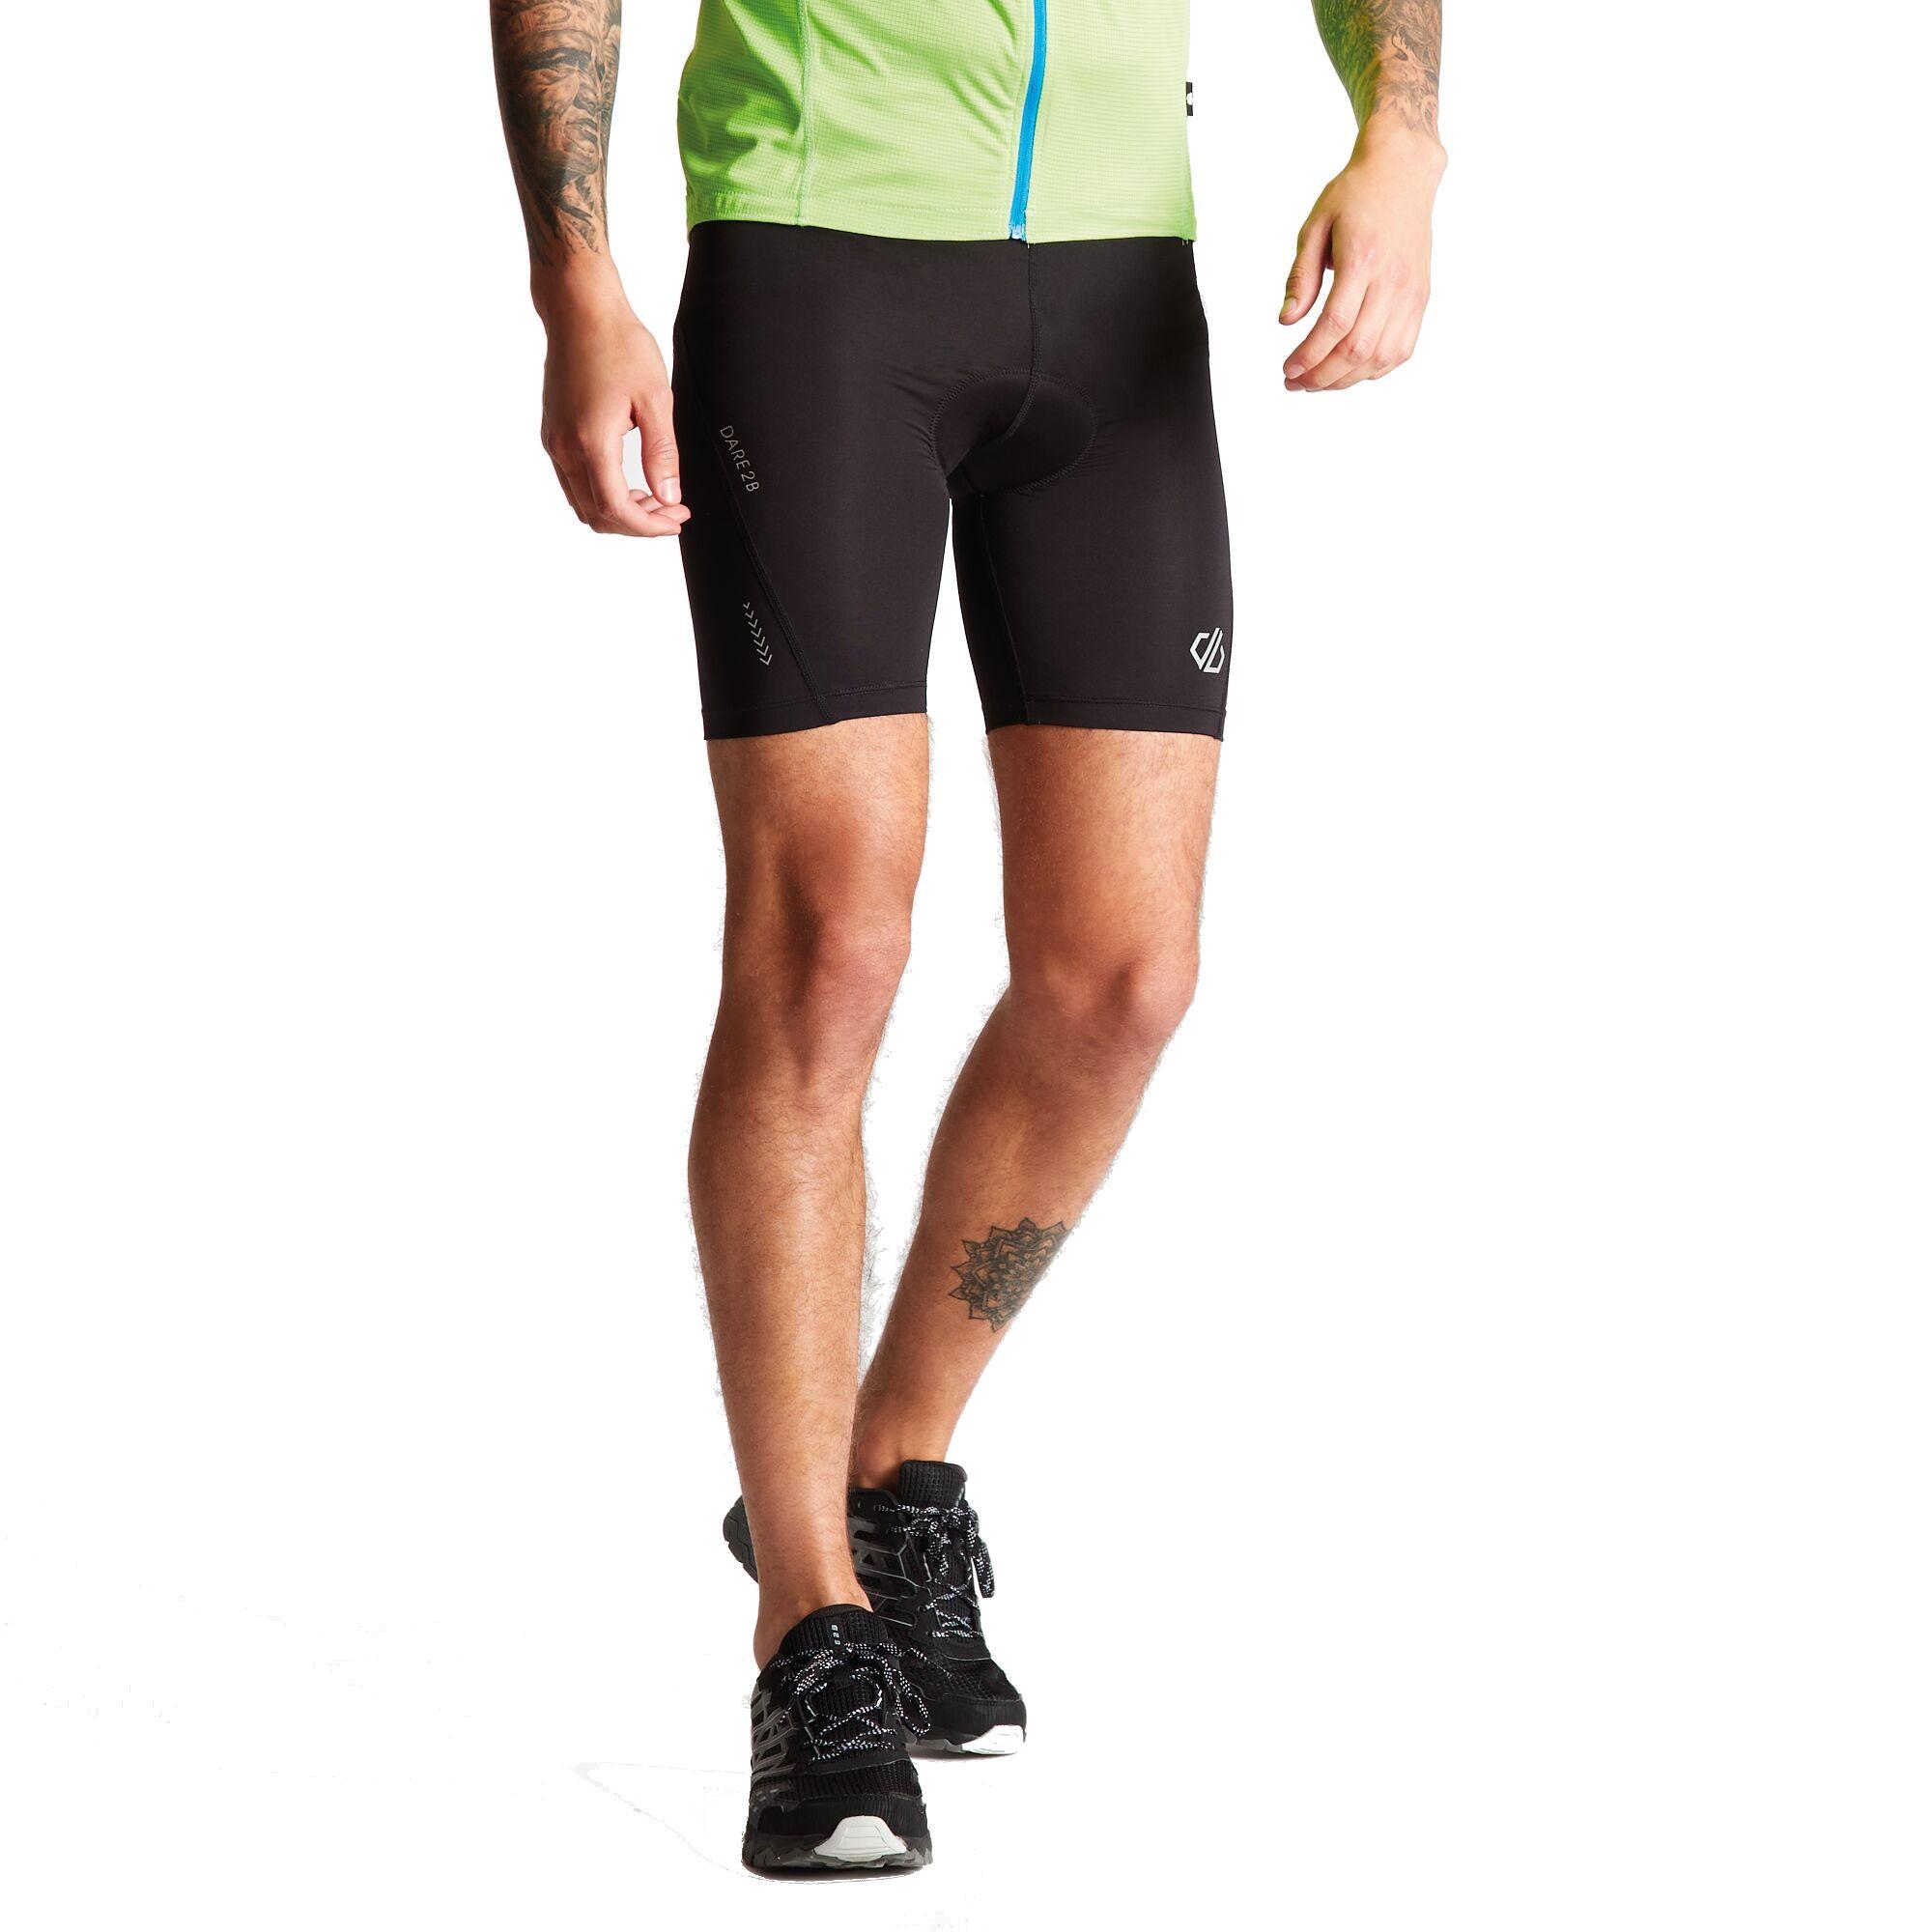 Dare 2b Mens Bold Short Cycling Pants